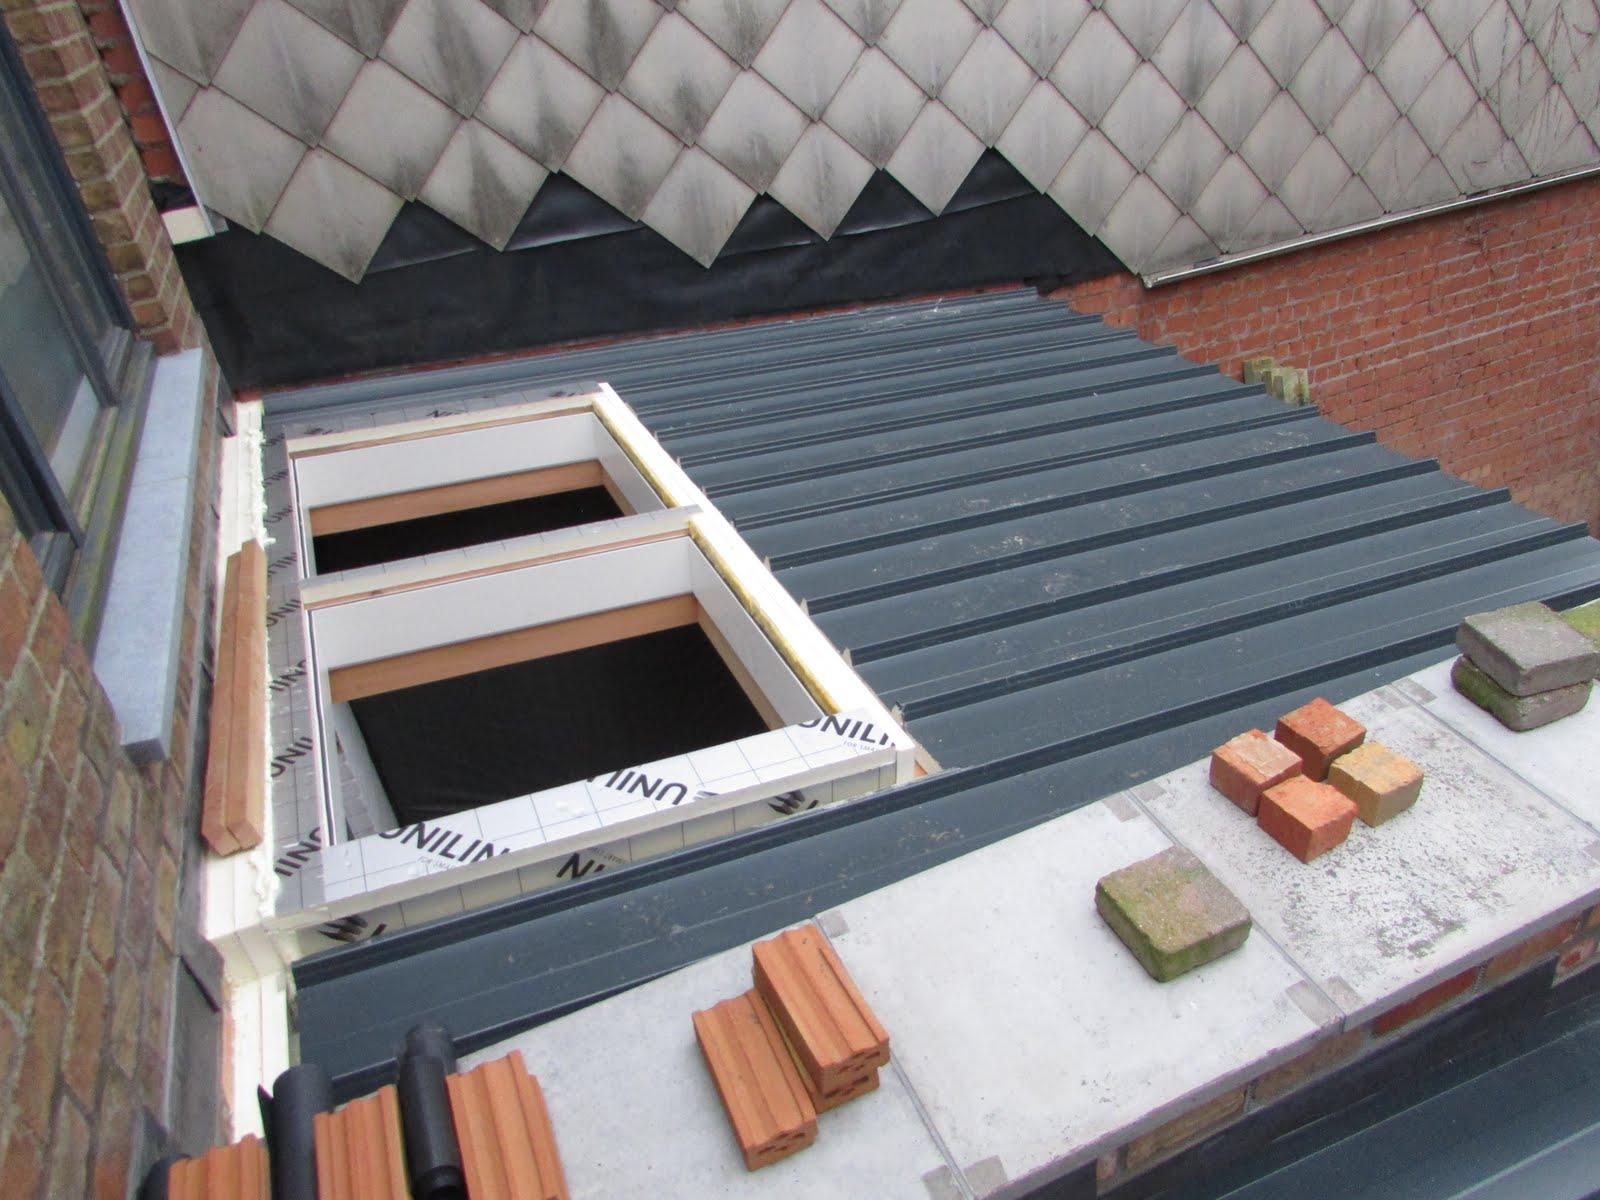 Verbouwing van ons ouderlijk huis dakafwerking uitbreiding 1 - Uitbreiding huis glas ...